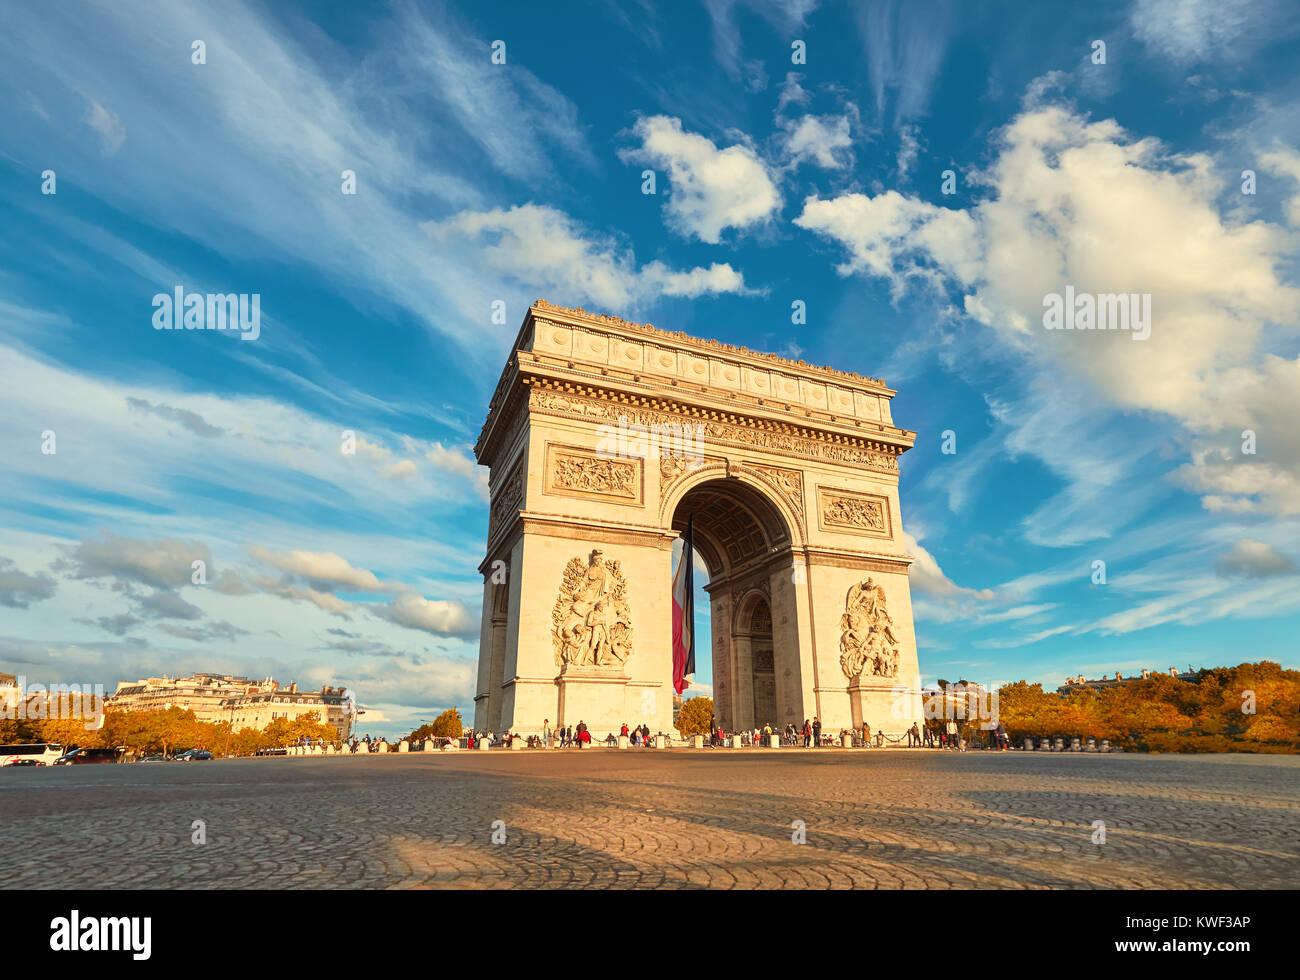 Arco di Trionfo a Parigi con belle nuvole dietro su un luminoso pomeriggio d'autunno. Vista panoramica filtrata Immagini Stock